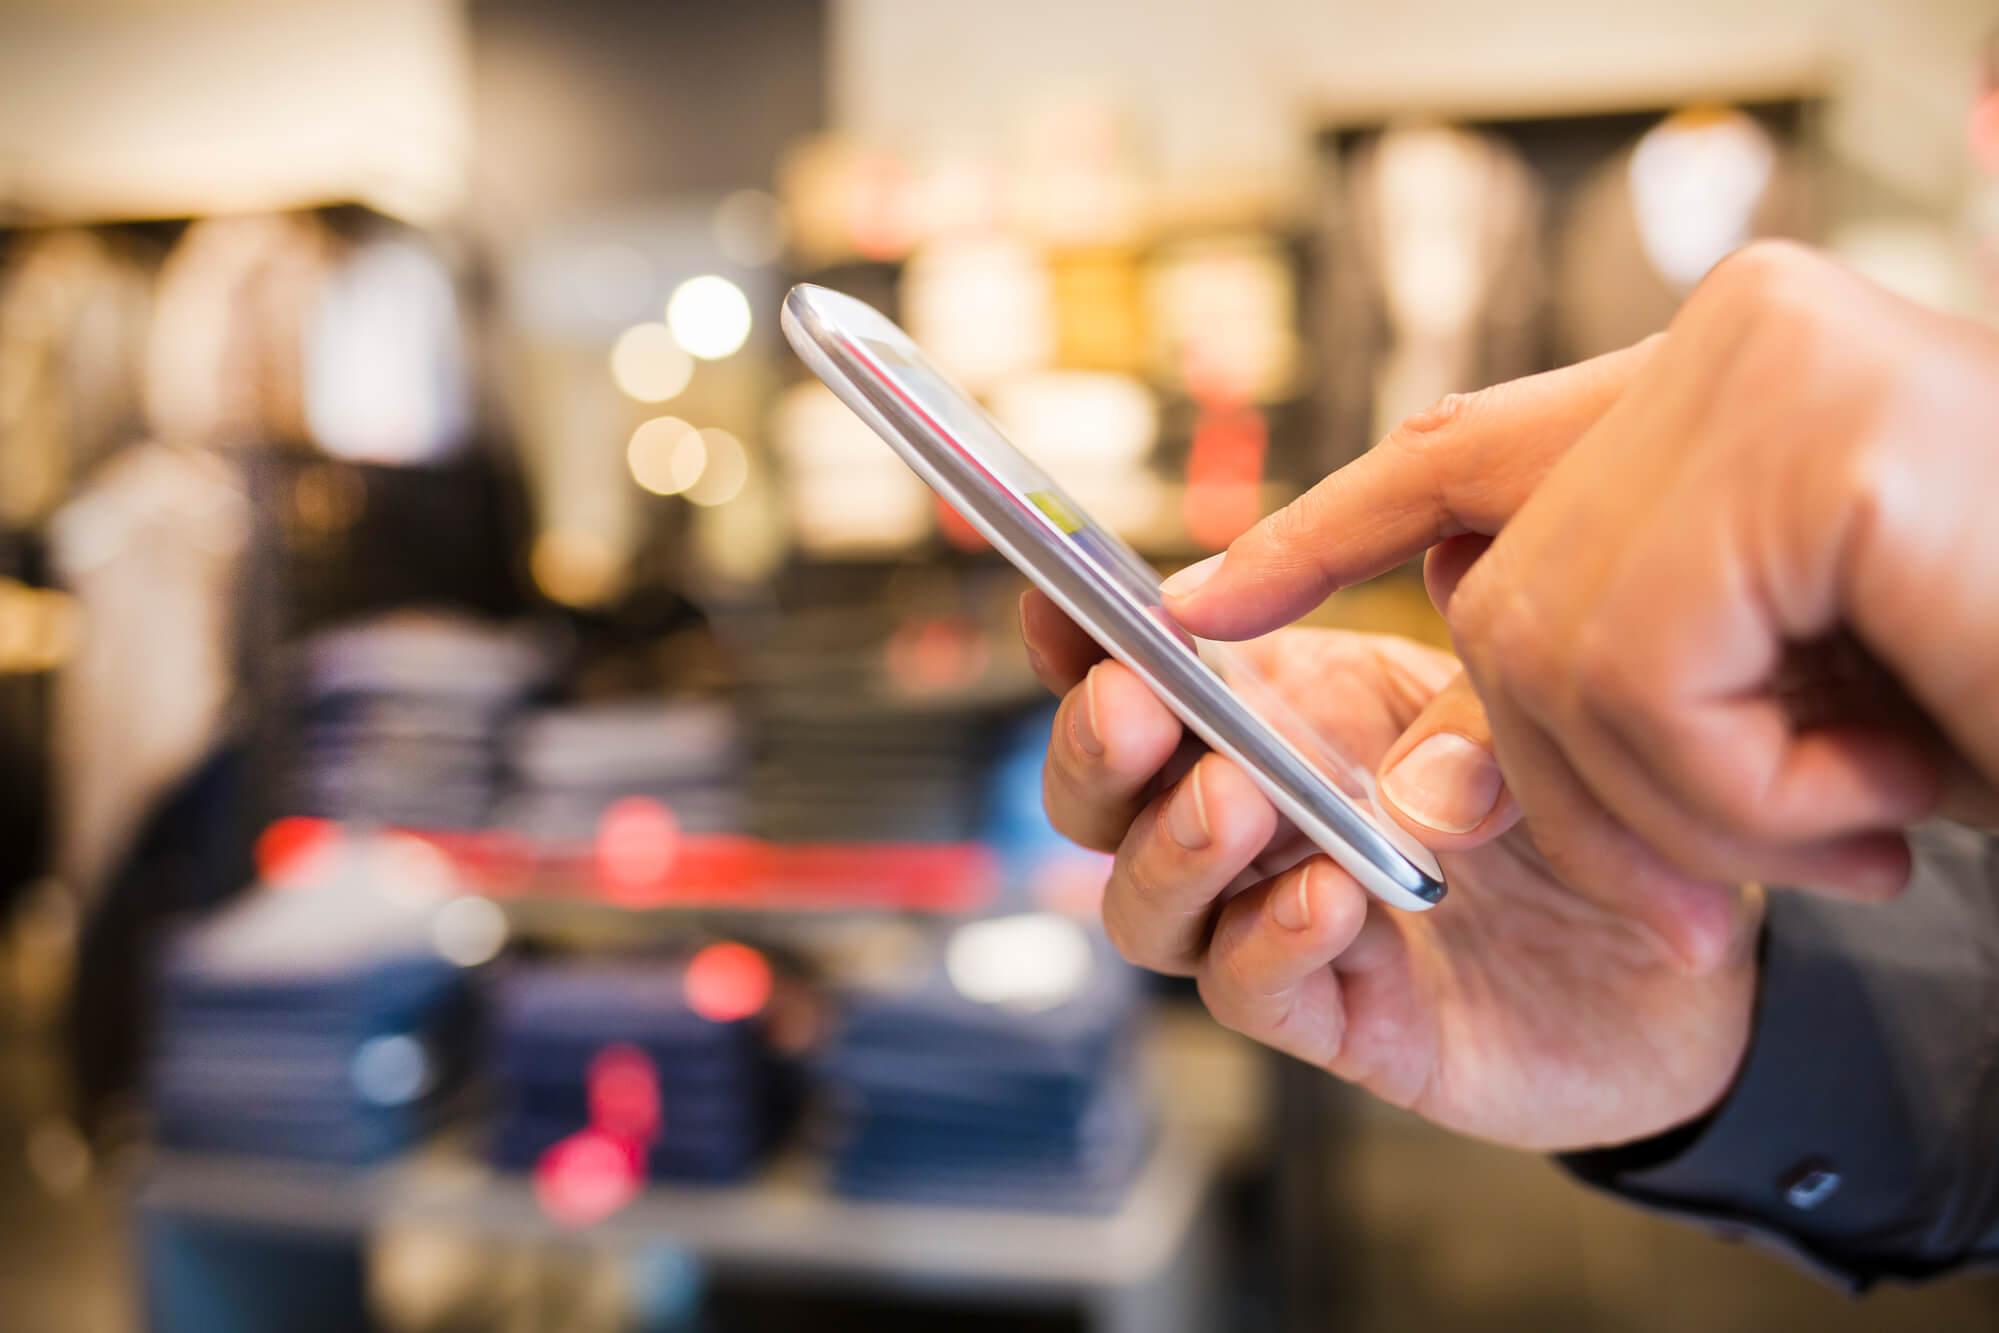 Образец претензии на возврат денег за телефон: как написать и подать